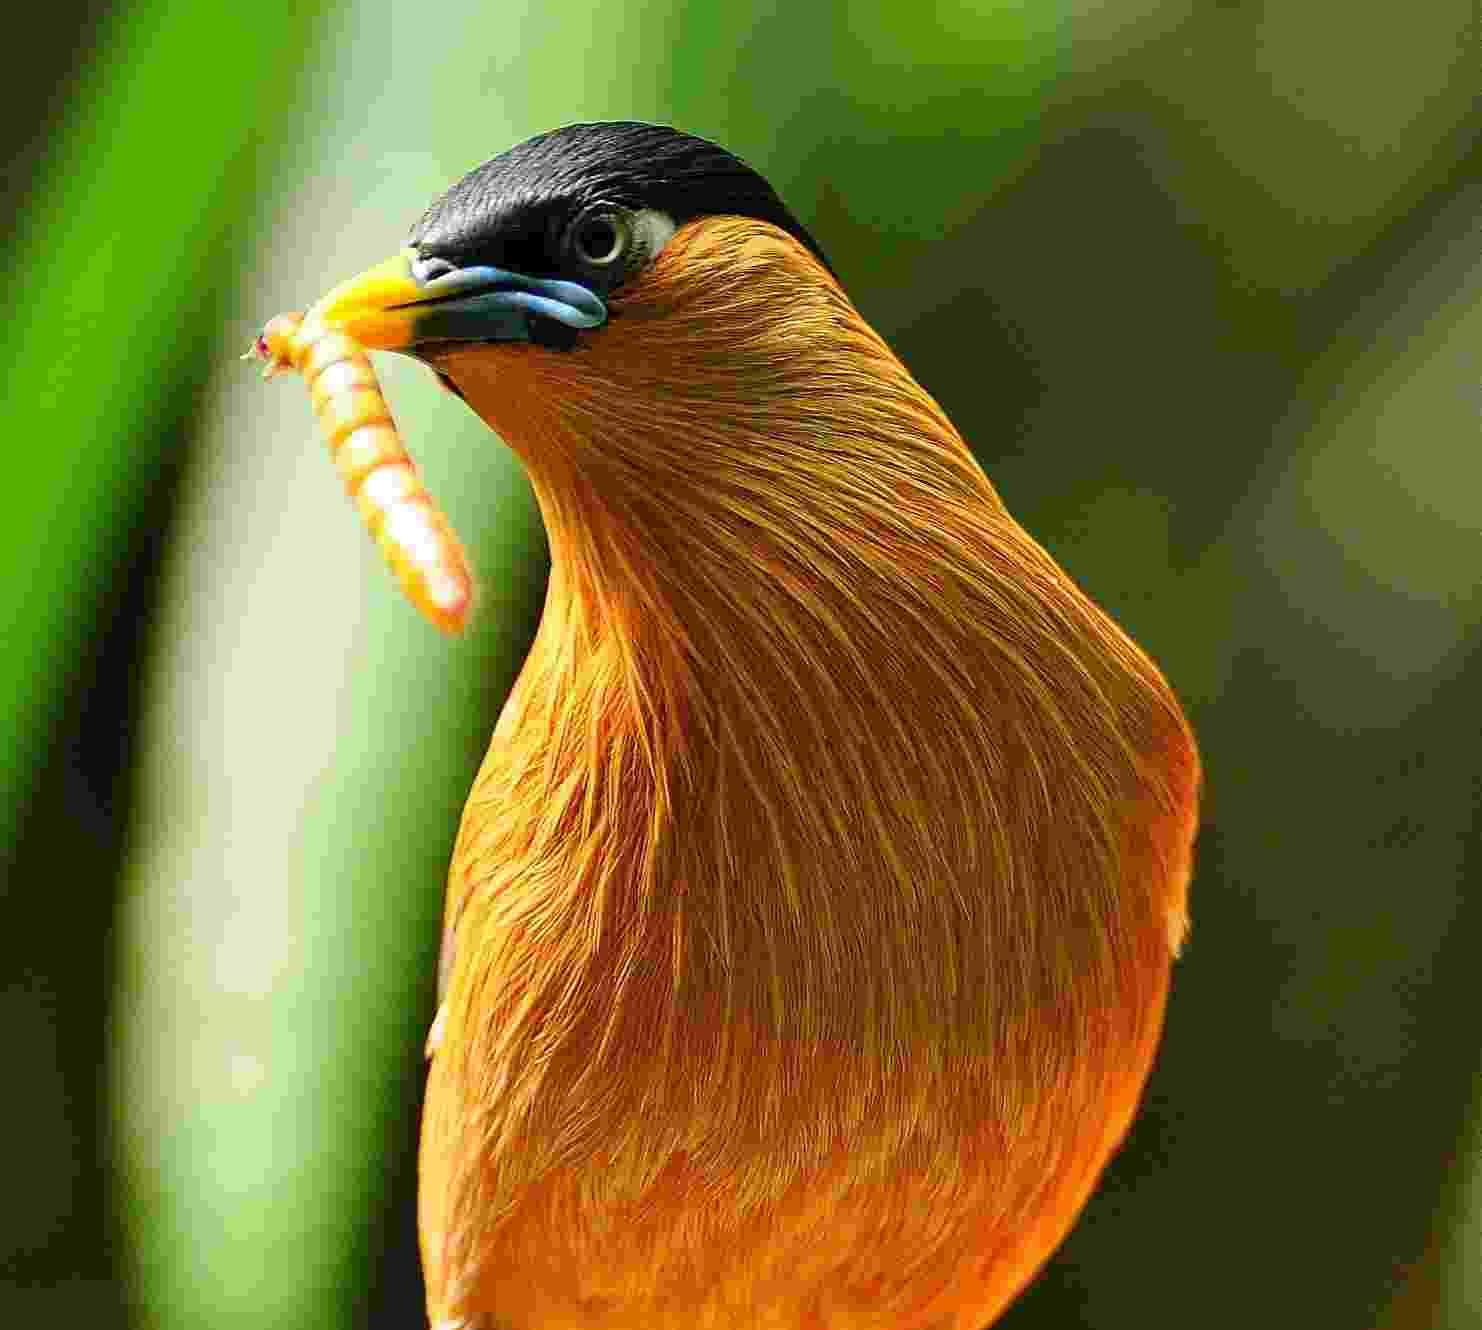 Ave carrega no bico um tenébrio, um dos insetos vivos vendidos pela empresa Safari para alimentação de pets - Thiago Souto/Divulgação